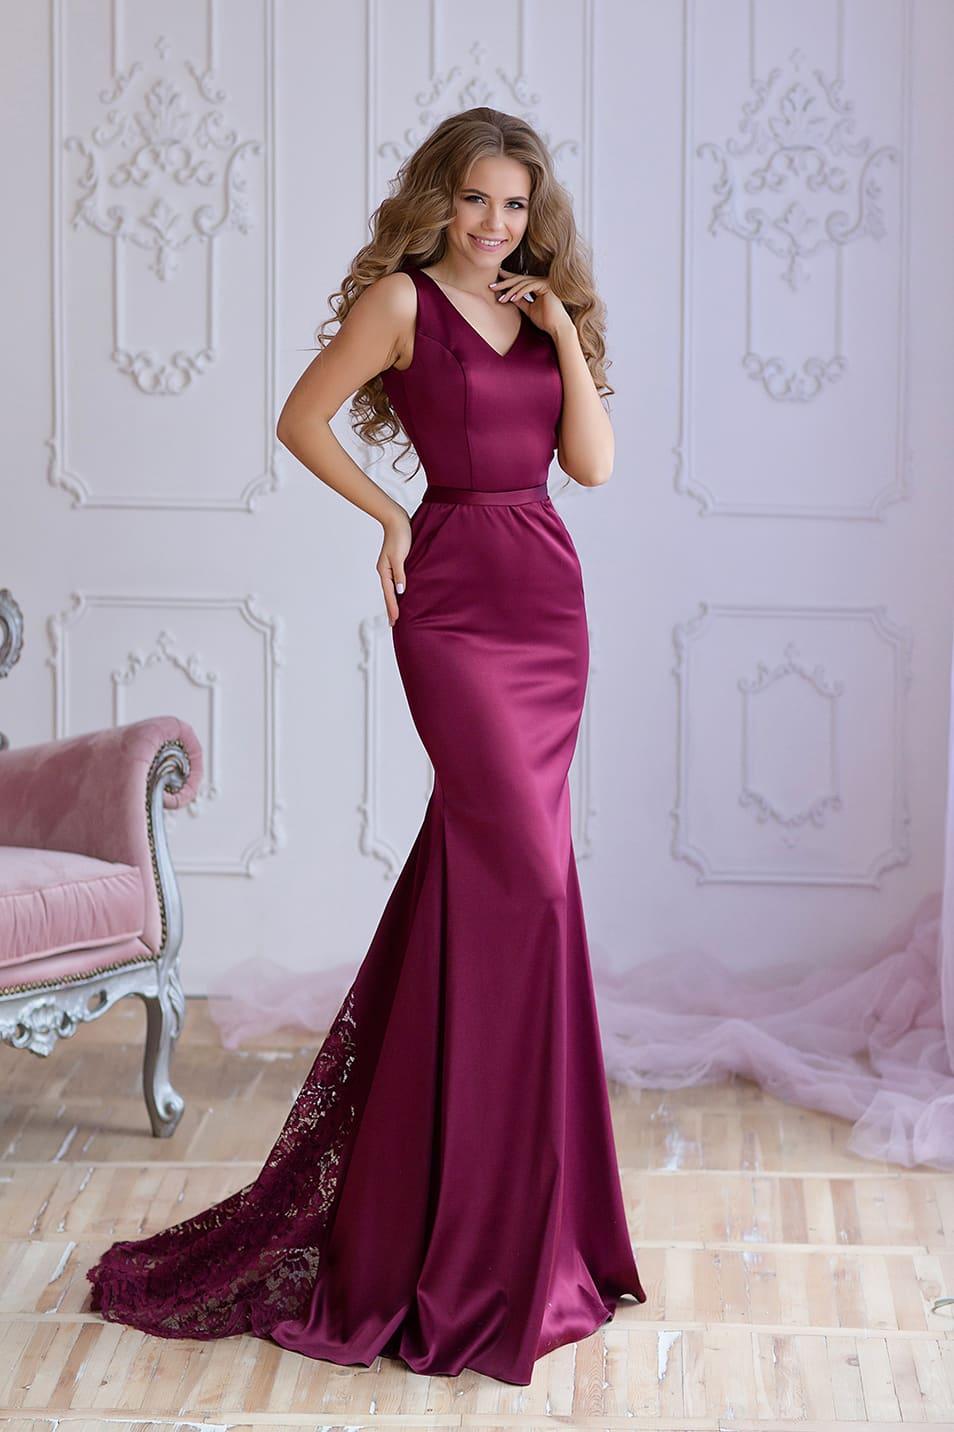 30a59eb86a3 Облегающее вечернее платье с вырезом сзади и небольшим кружевным шлейфом.